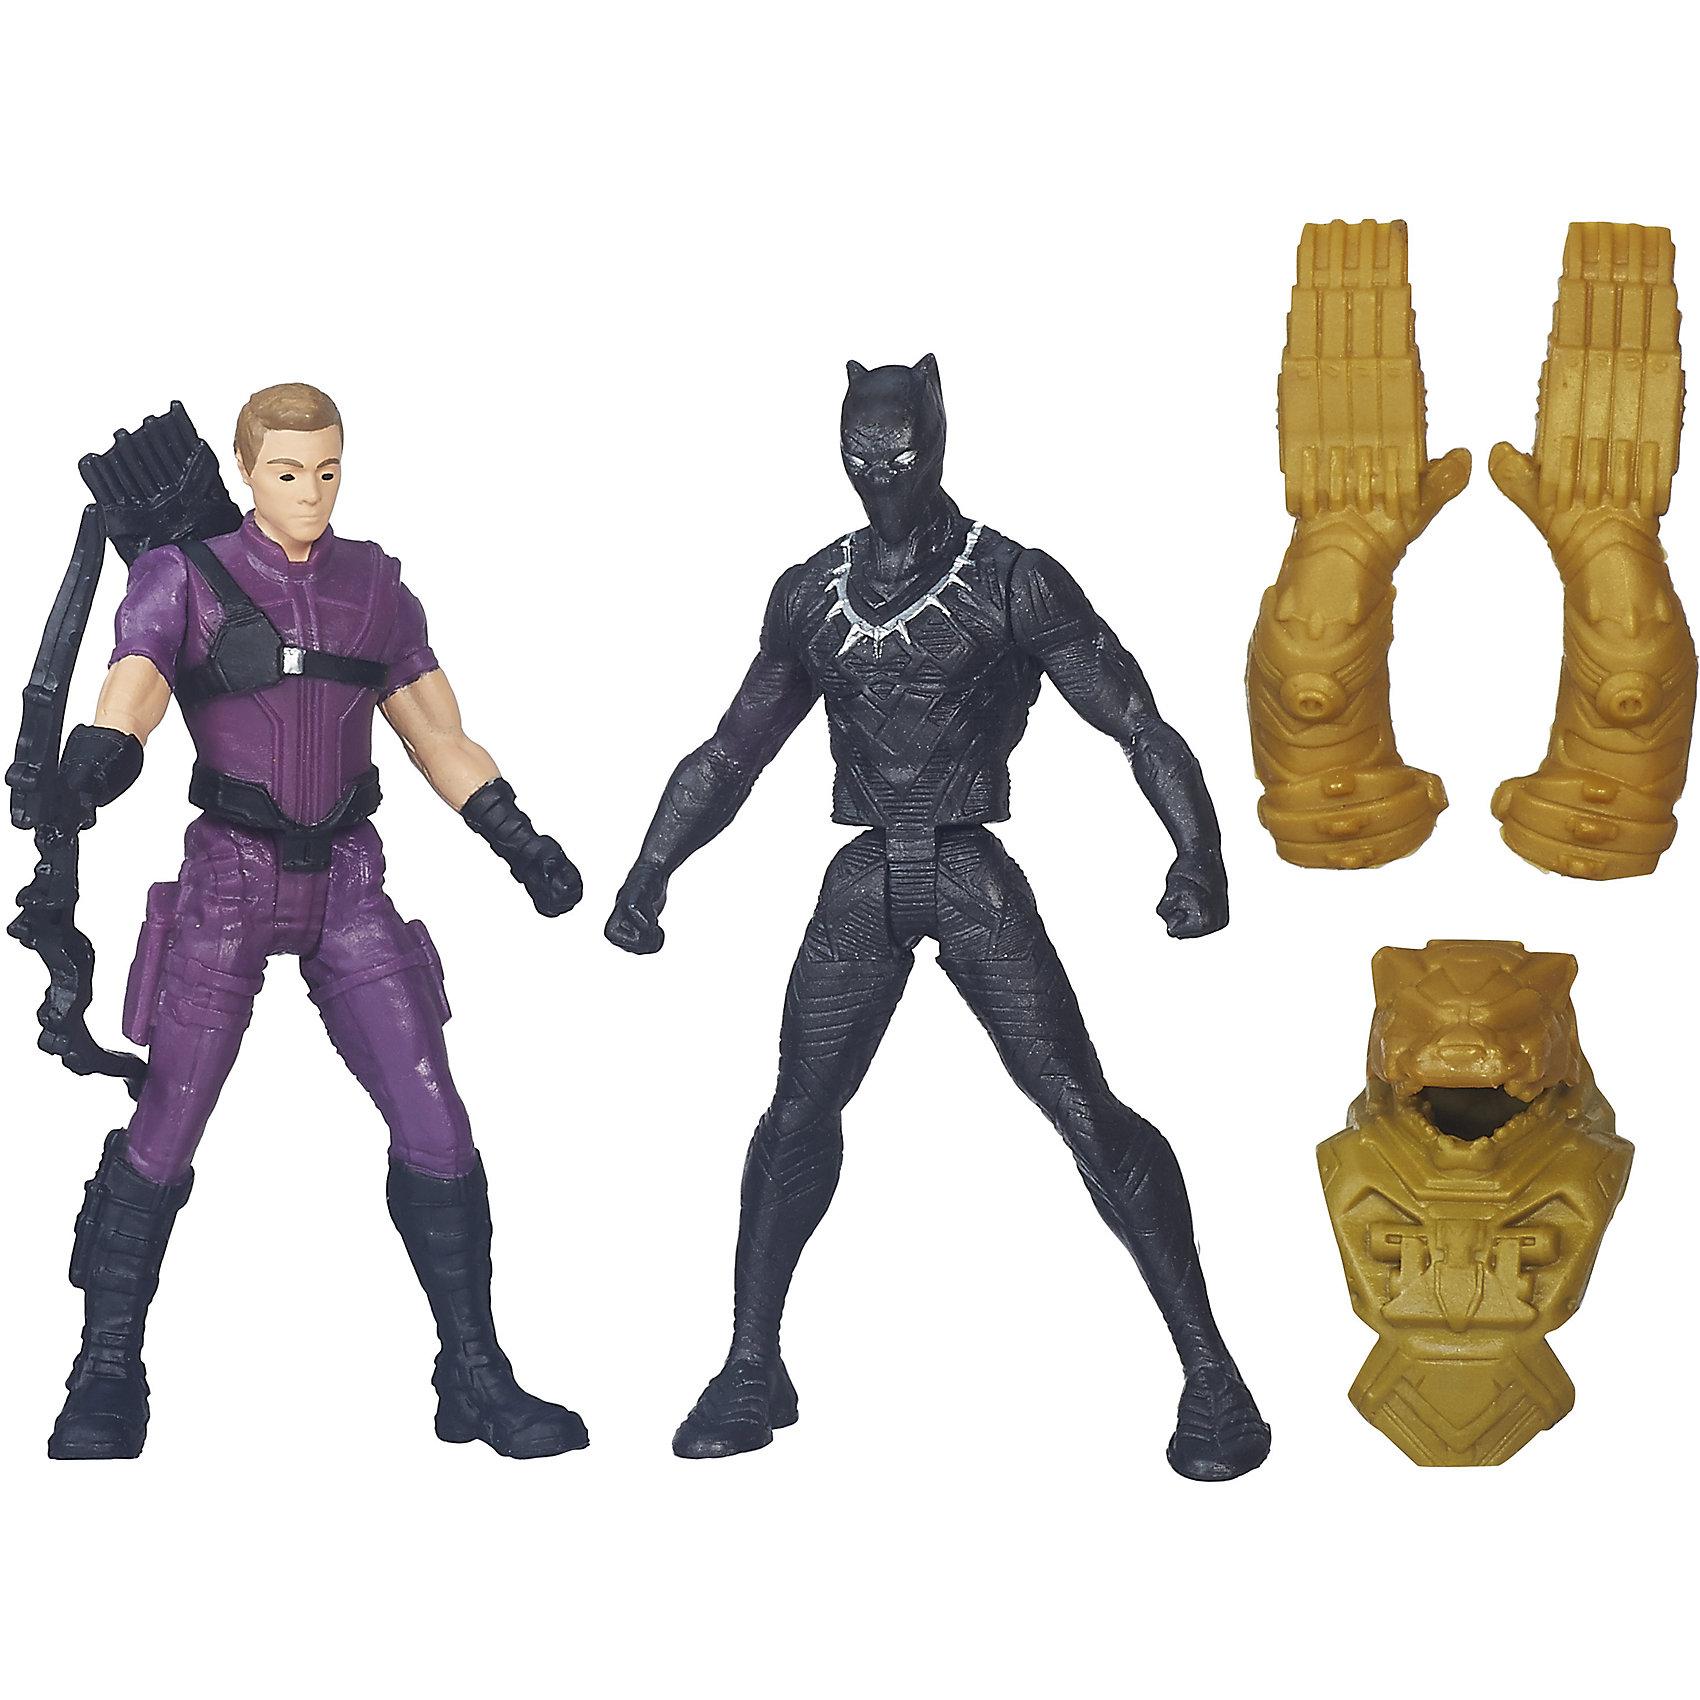 Hasbro Набор из 2 фигурок Мстителей Hawkeye vs Black Panther фигурки игрушки hasbro набор микро фигурок марвел